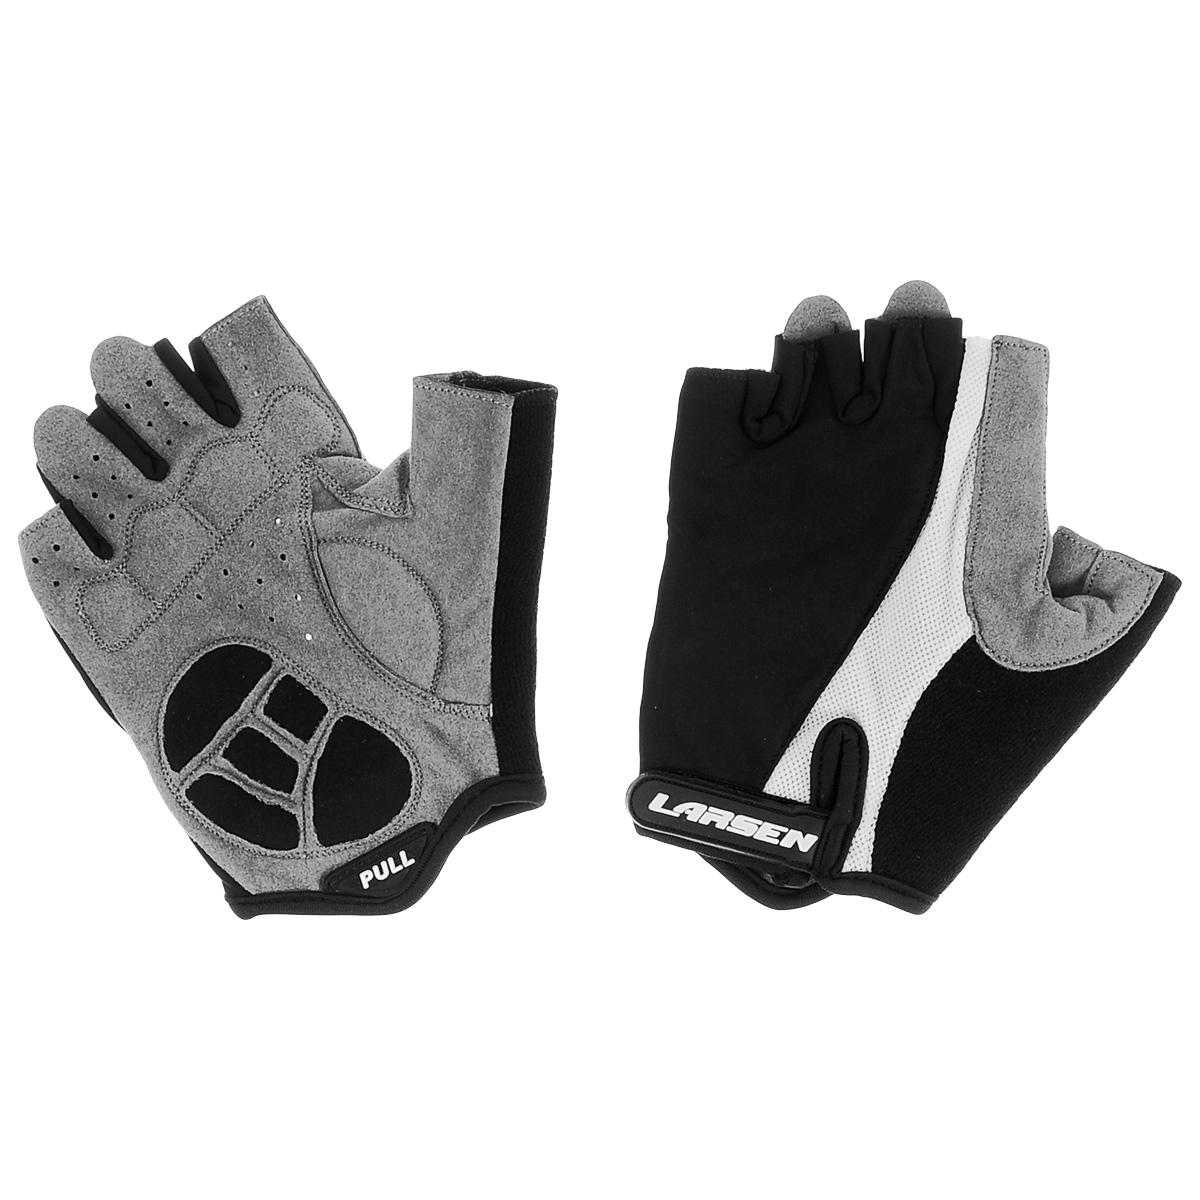 Велоперчатки Larsen, цвет: черный, серый, белый. Размер XL. 01-1226MW-1462-01-SR серебристыйВелоперчатки Larsen выполнены из высококачественного нейлона и амары. На ладонях расположены мягкие вставки для повышенного сцепления и системой Pull Off на пальцах. Застежка Velcro надежно фиксирует перчатки на руке. Сетка способствует хорошей вентиляции.